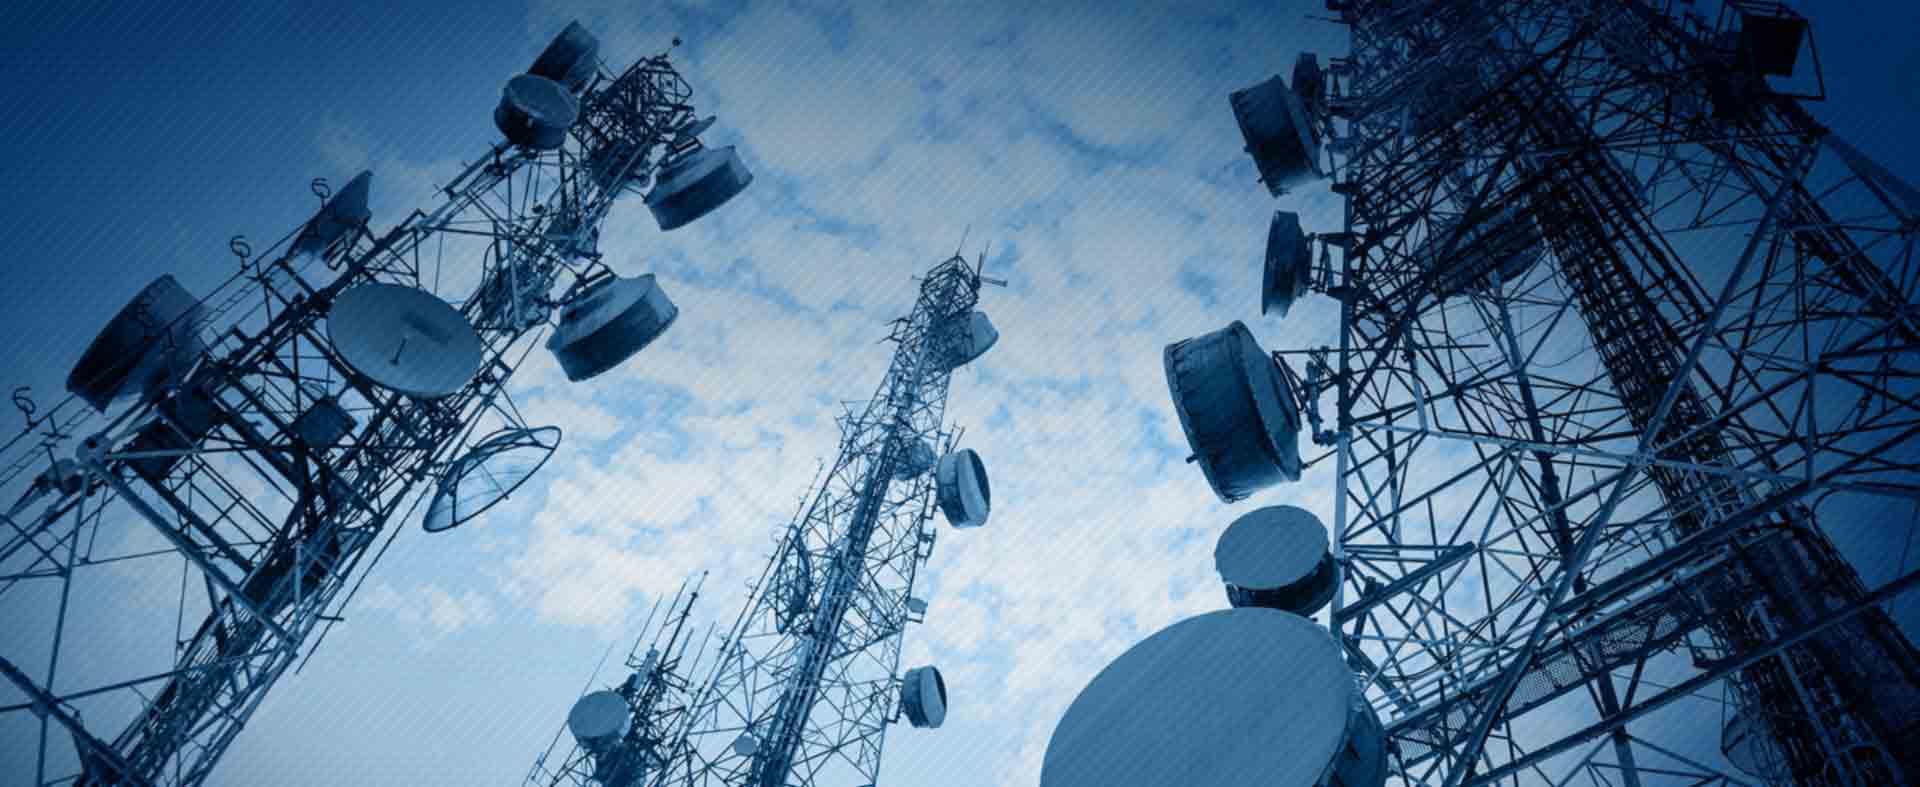 Thi công lắp đặt & bảo dưỡng các hệ thống viễn thông